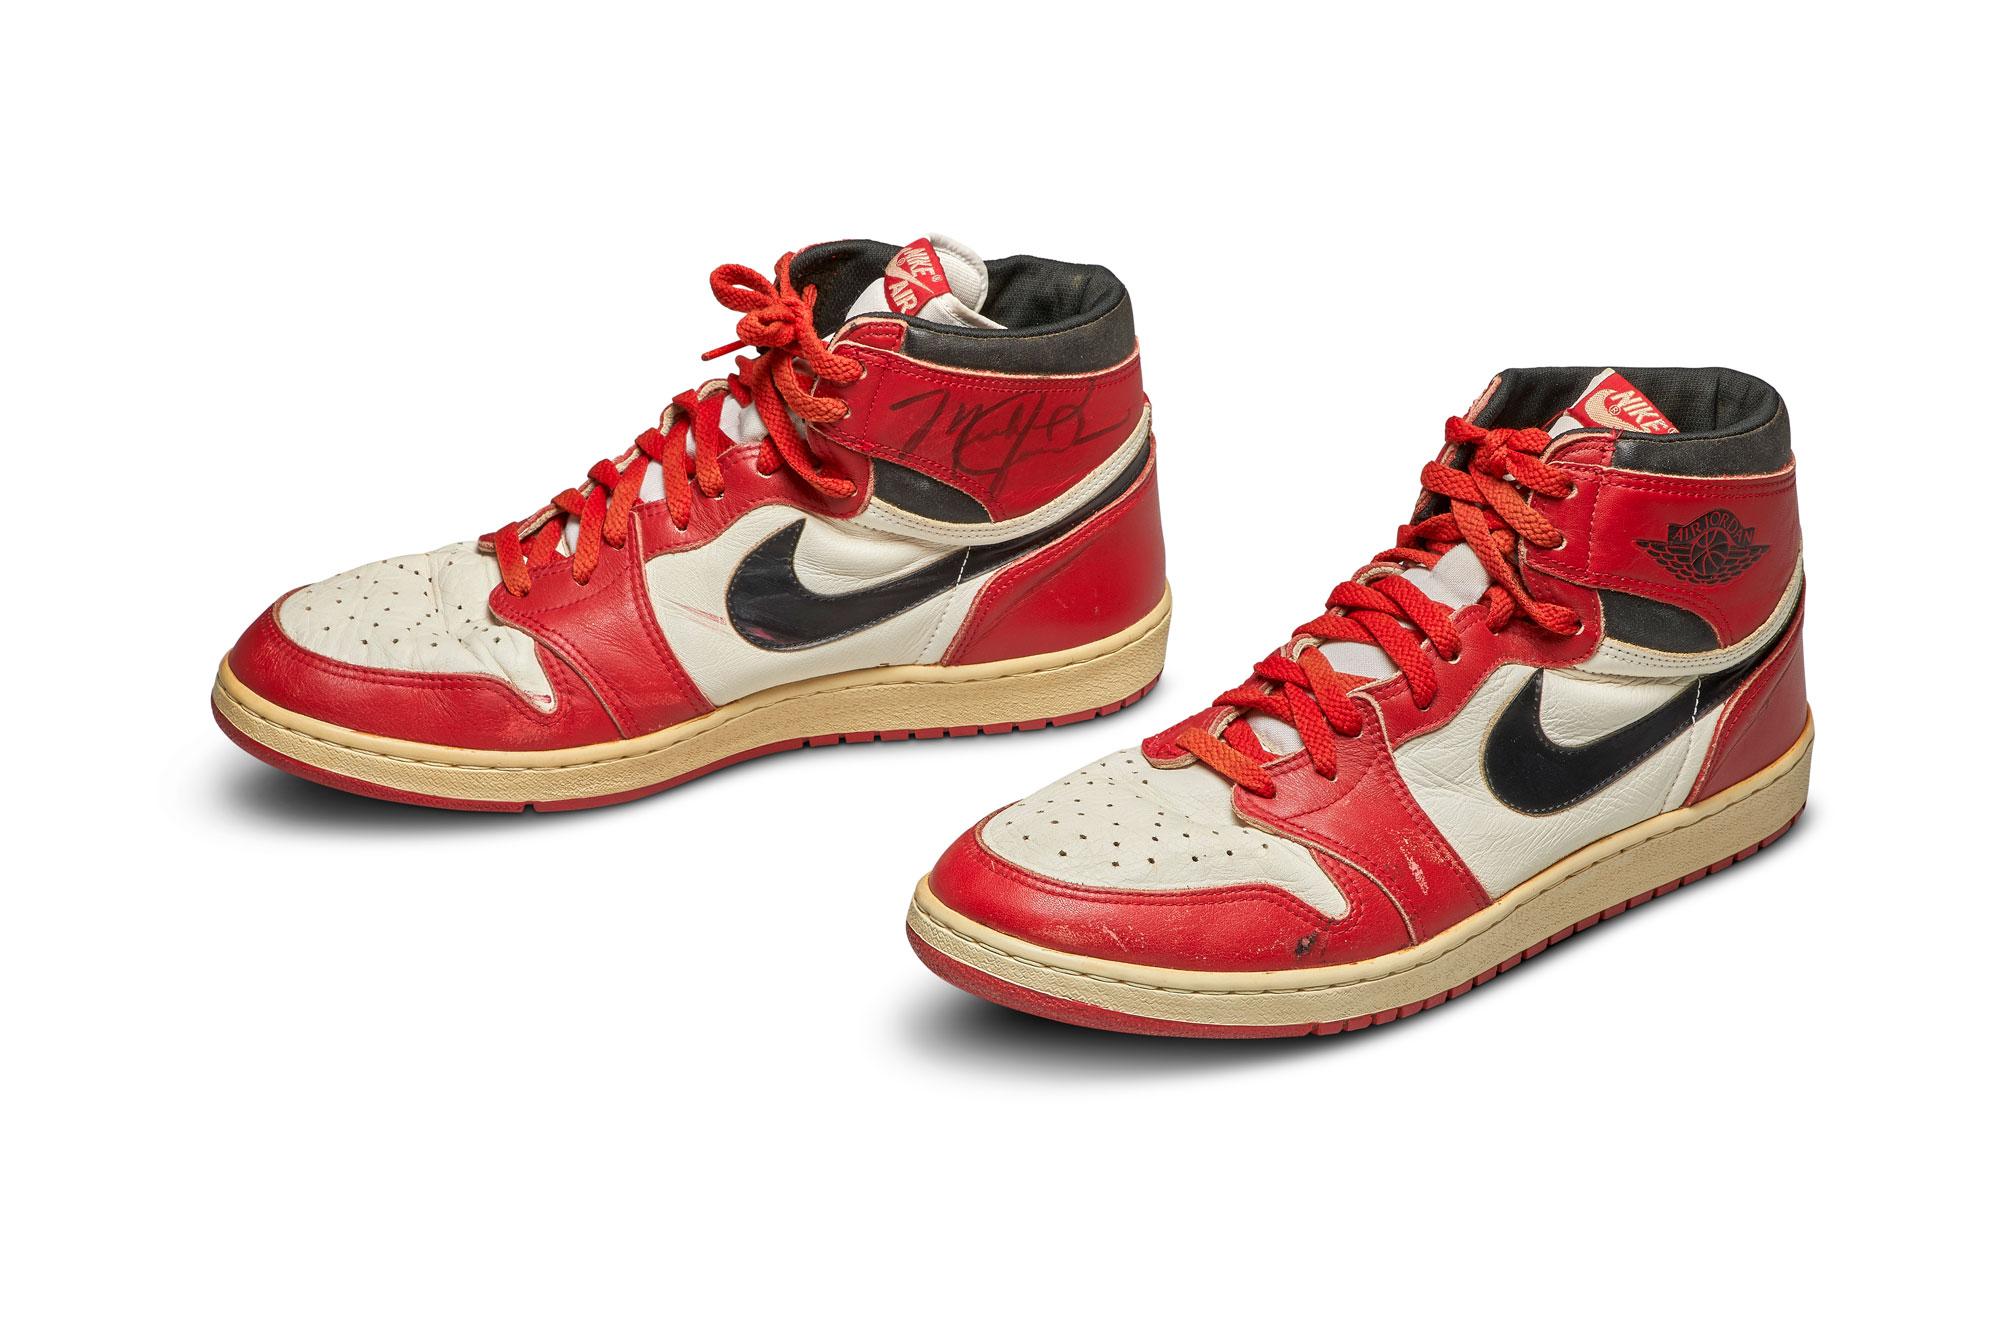 signature Air Jordan shoes